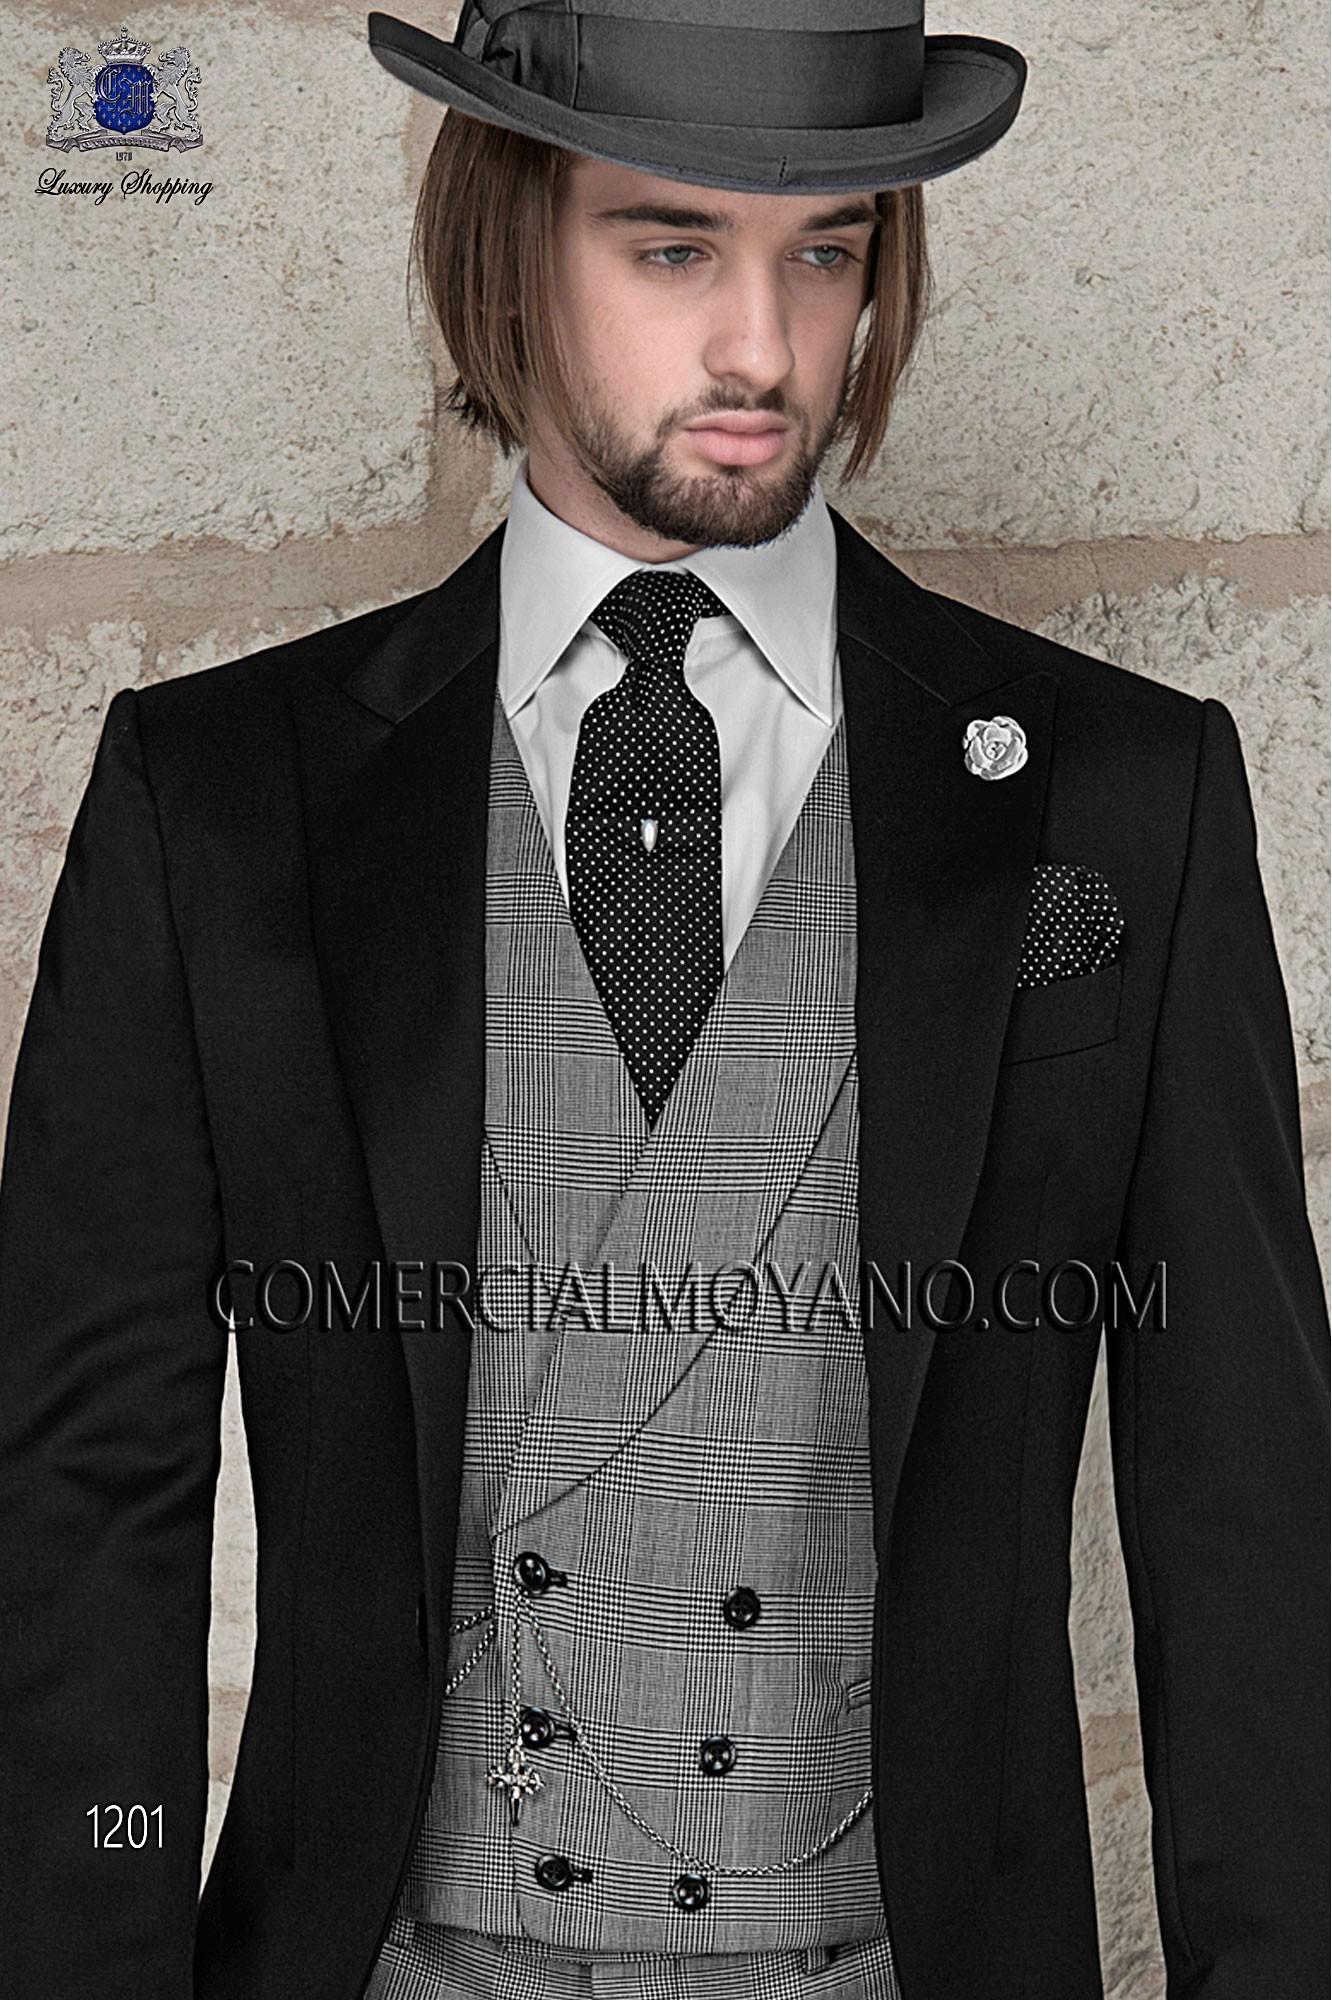 Traje Gentleman de novio negro modelo: 1201 Ottavio Nuccio Gala colección Gentleman